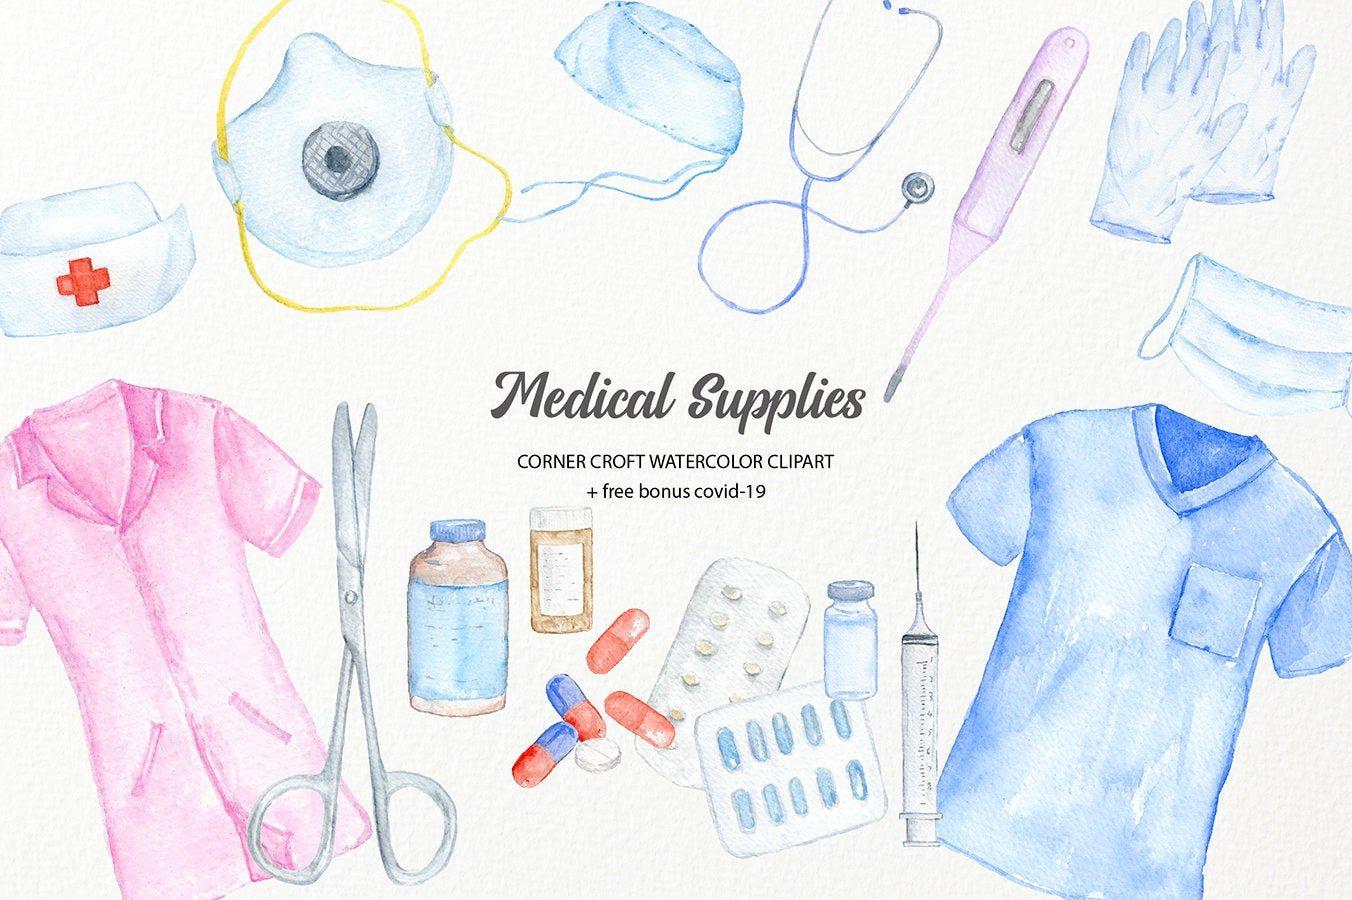 Medical Equipment PNG Images, Transparent Medical Equipment Image Download  - PNGitem